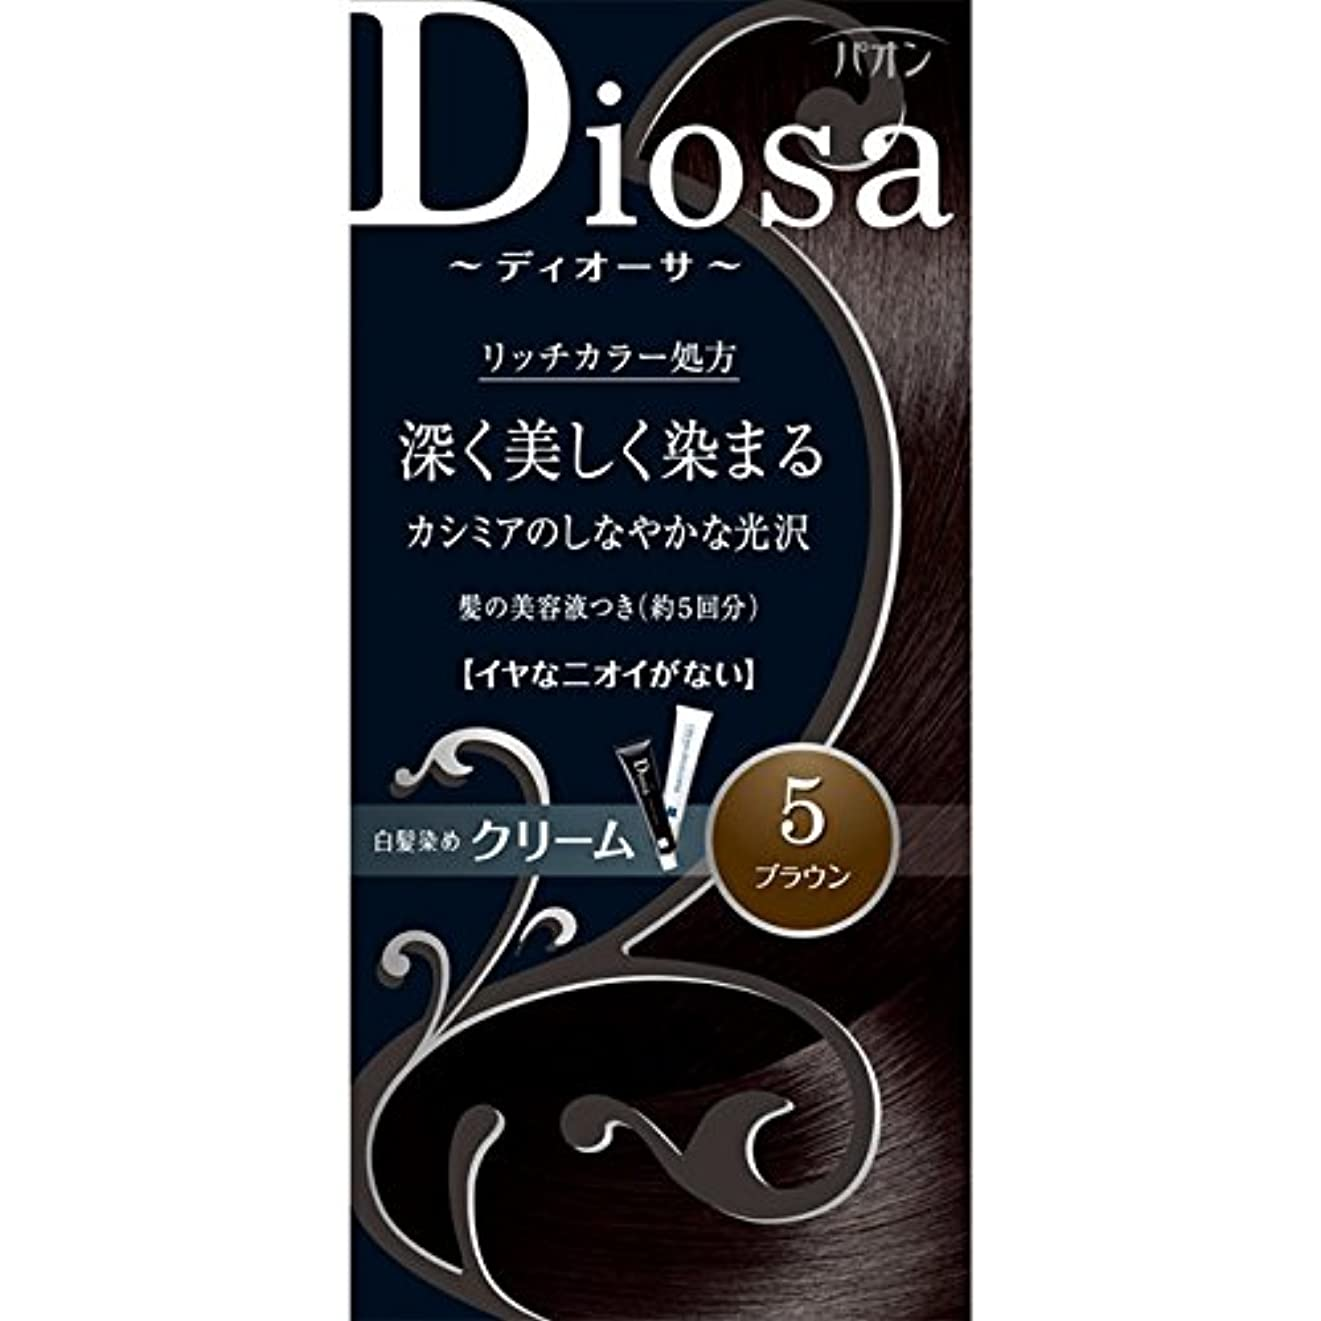 見物人飲料成功したヘンケルライオンコスメティックス パオン ディオーサ クリーム 5 ブラウン 40g+40g+10g (医薬部外品)